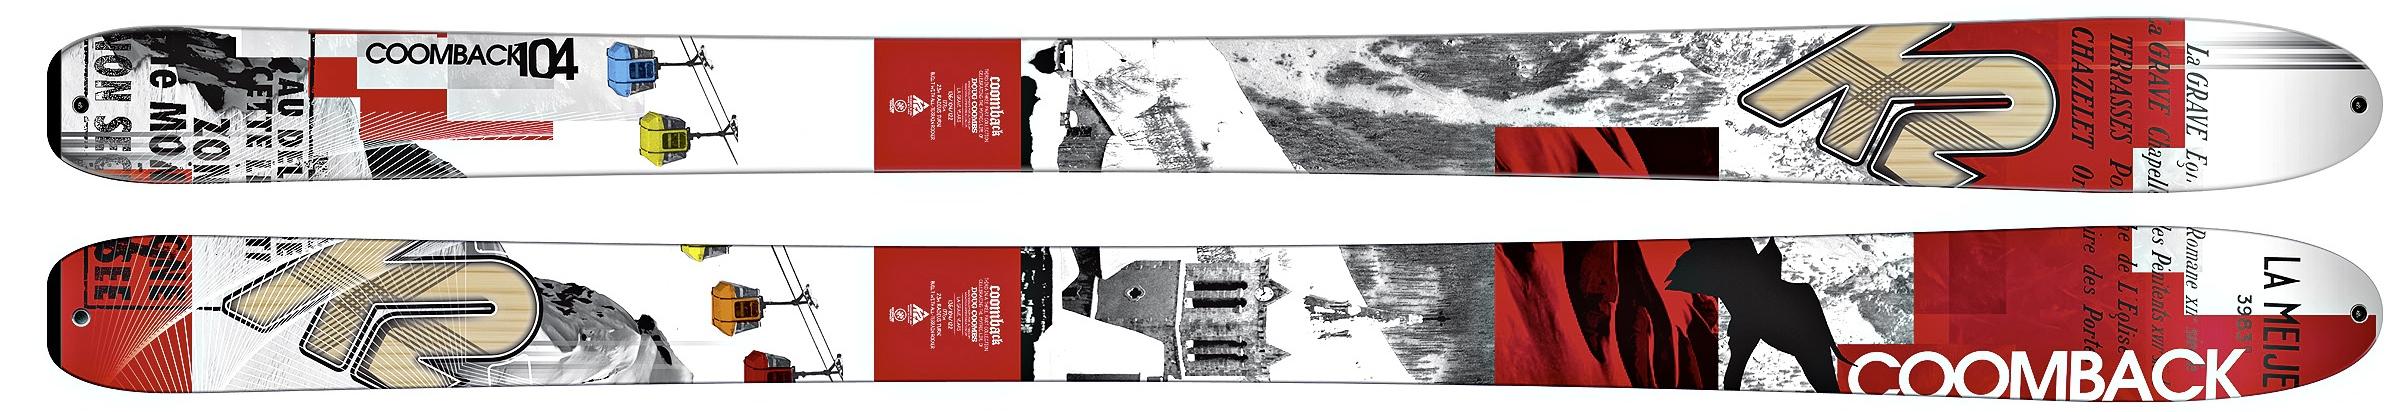 K2 : Coomback 104 184 / Palme de la Polyvalence